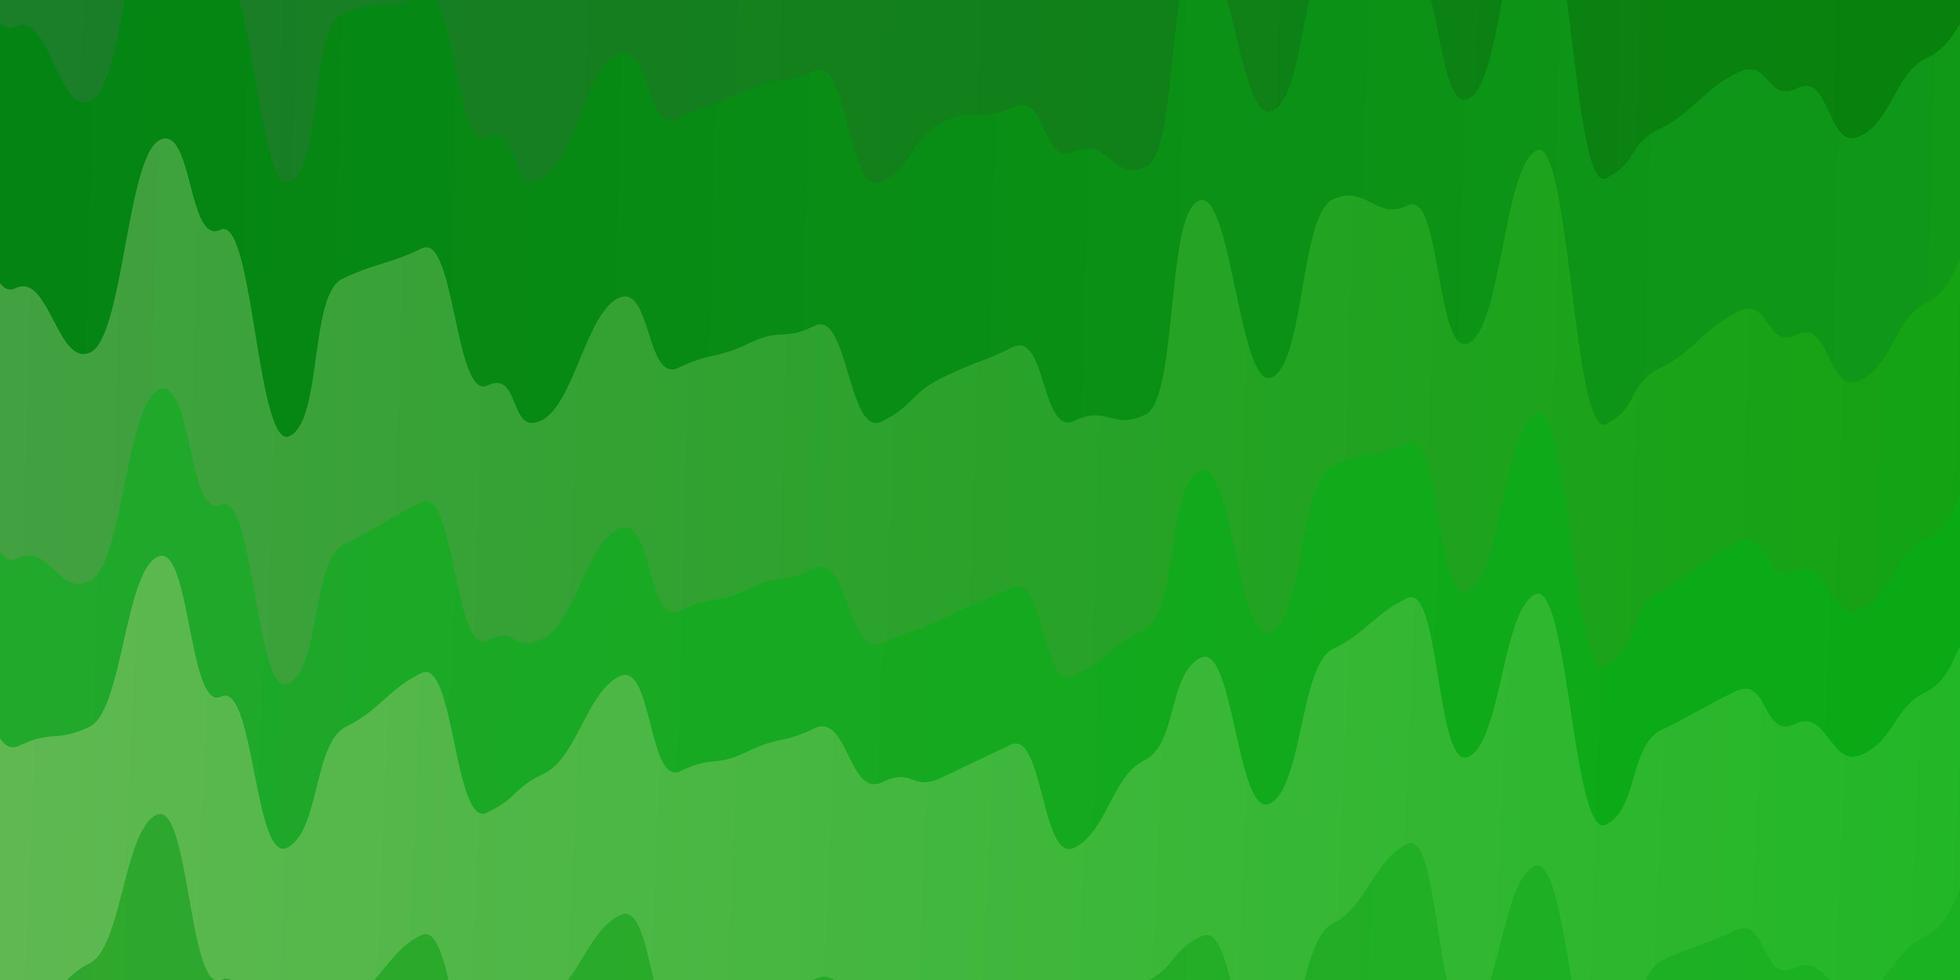 hellgrüner Hintergrund mit gekrümmten Linien. vektor